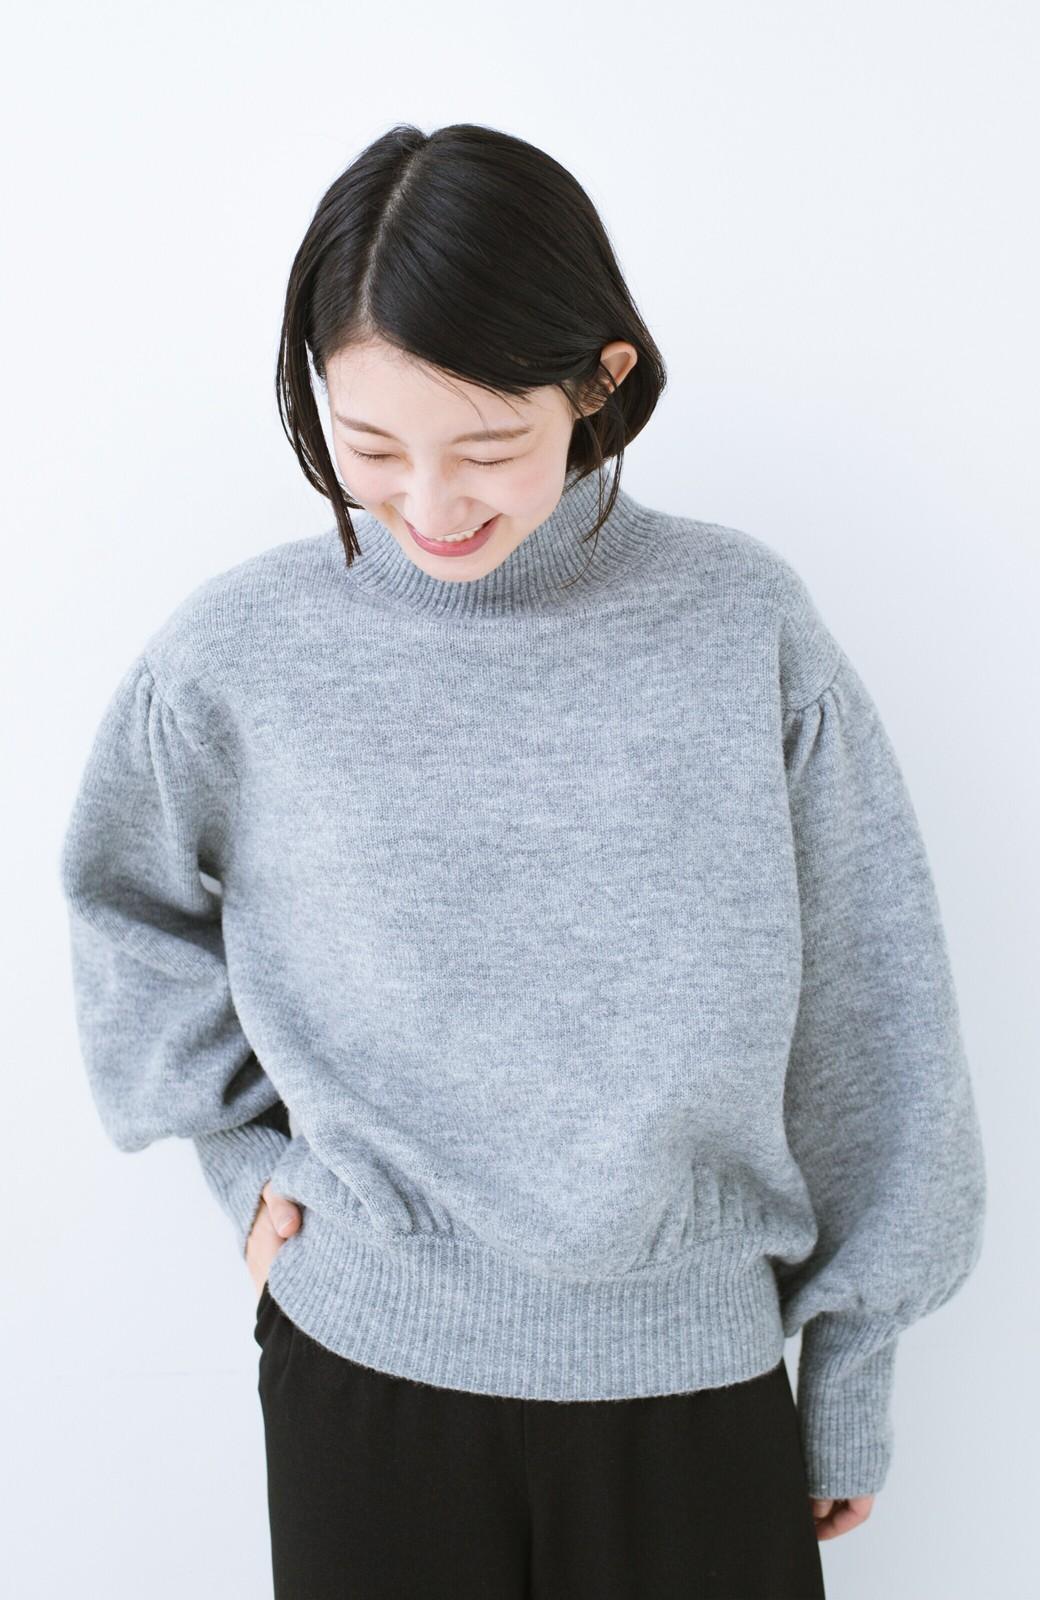 haco! 肌見せせずとも華奢見えできる ぷっくり袖のショートニット <杢グレー>の商品写真10